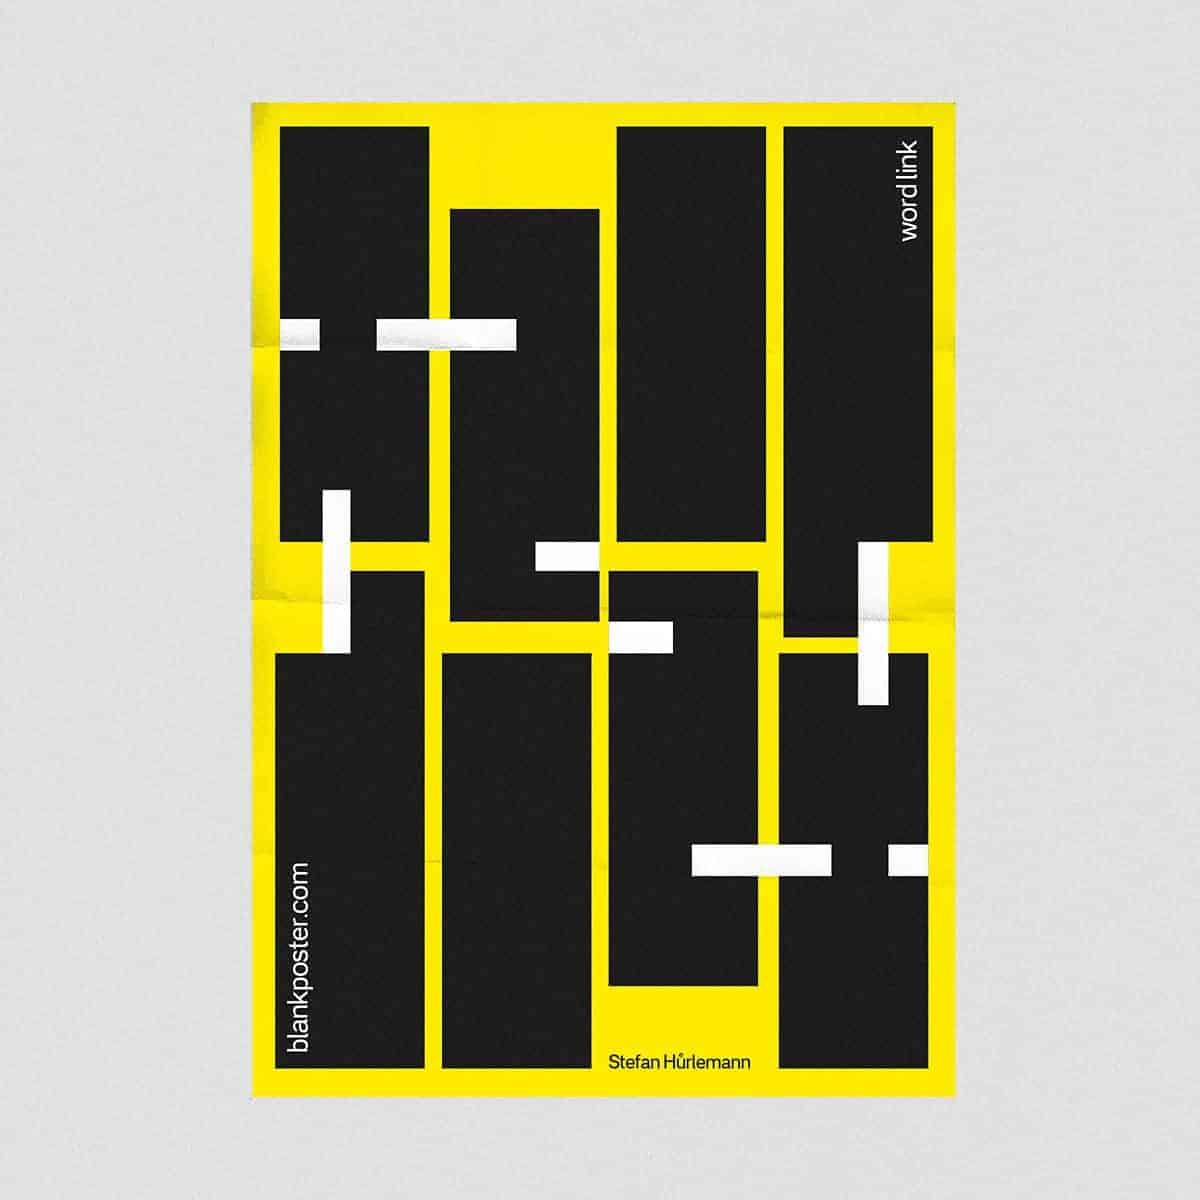 Stefan Hurkemann – Swiss Poster Bauhaus Design